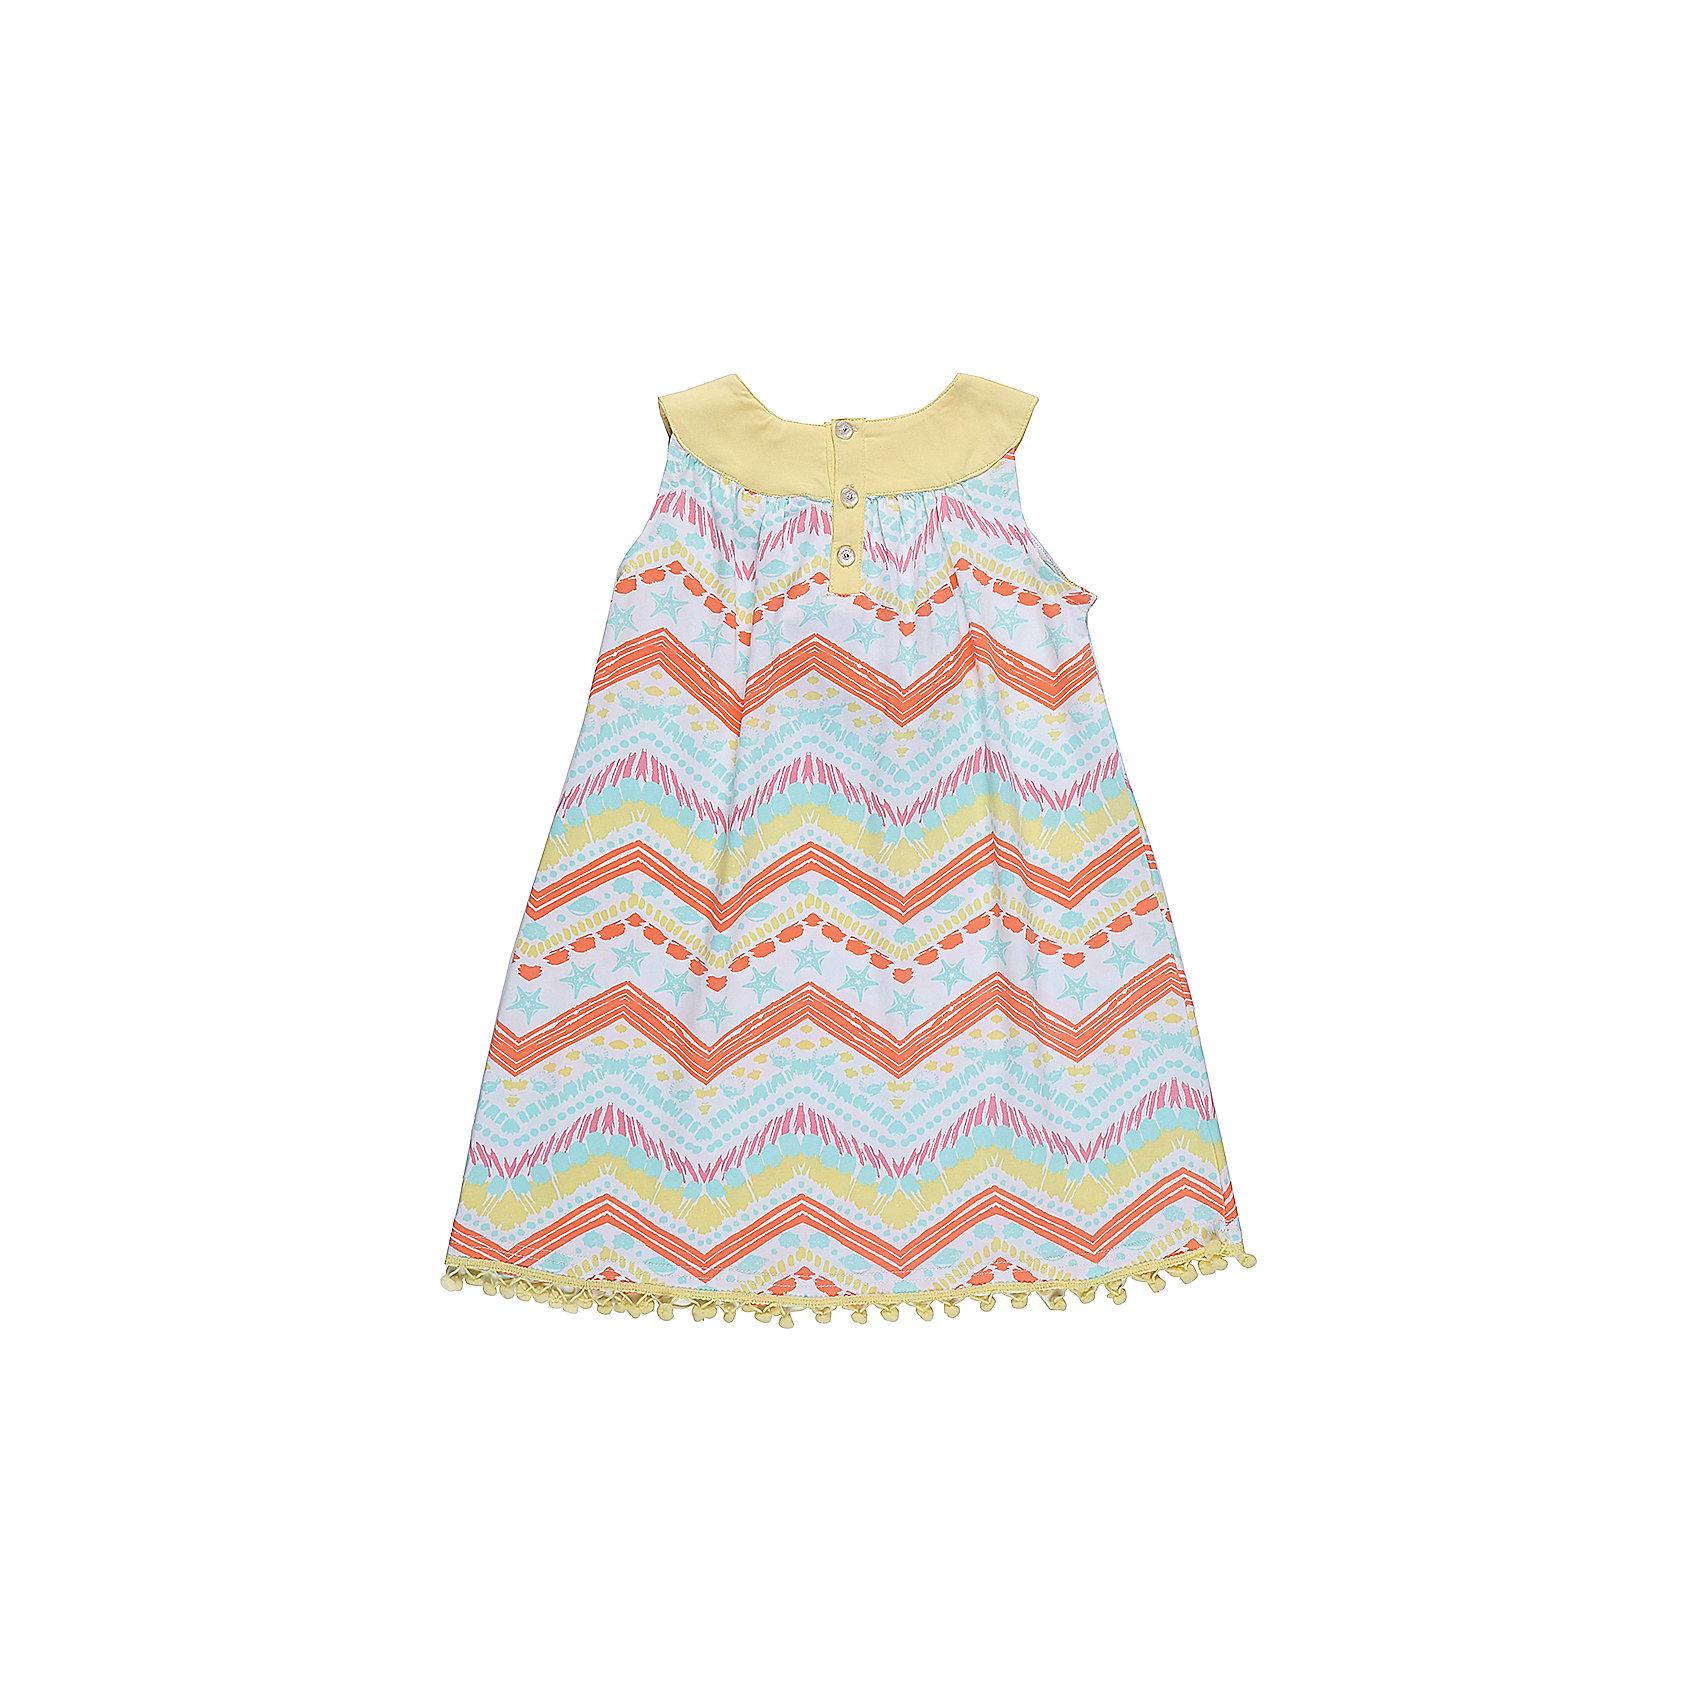 Платье для девочки Sweet BerryПлатья и сарафаны<br>Платье для девочки из трикотажной ткани с оригинальным принтом. Горловина декорированы контрастной тканью и цветком. Свободный крой. Застежка на пуговках на спинке.<br>Состав:<br>95%хлопок 5%эластан<br><br>Ширина мм: 236<br>Глубина мм: 16<br>Высота мм: 184<br>Вес г: 177<br>Цвет: разноцветный<br>Возраст от месяцев: 36<br>Возраст до месяцев: 48<br>Пол: Женский<br>Возраст: Детский<br>Размер: 104,98,110,116,122,128<br>SKU: 5412808